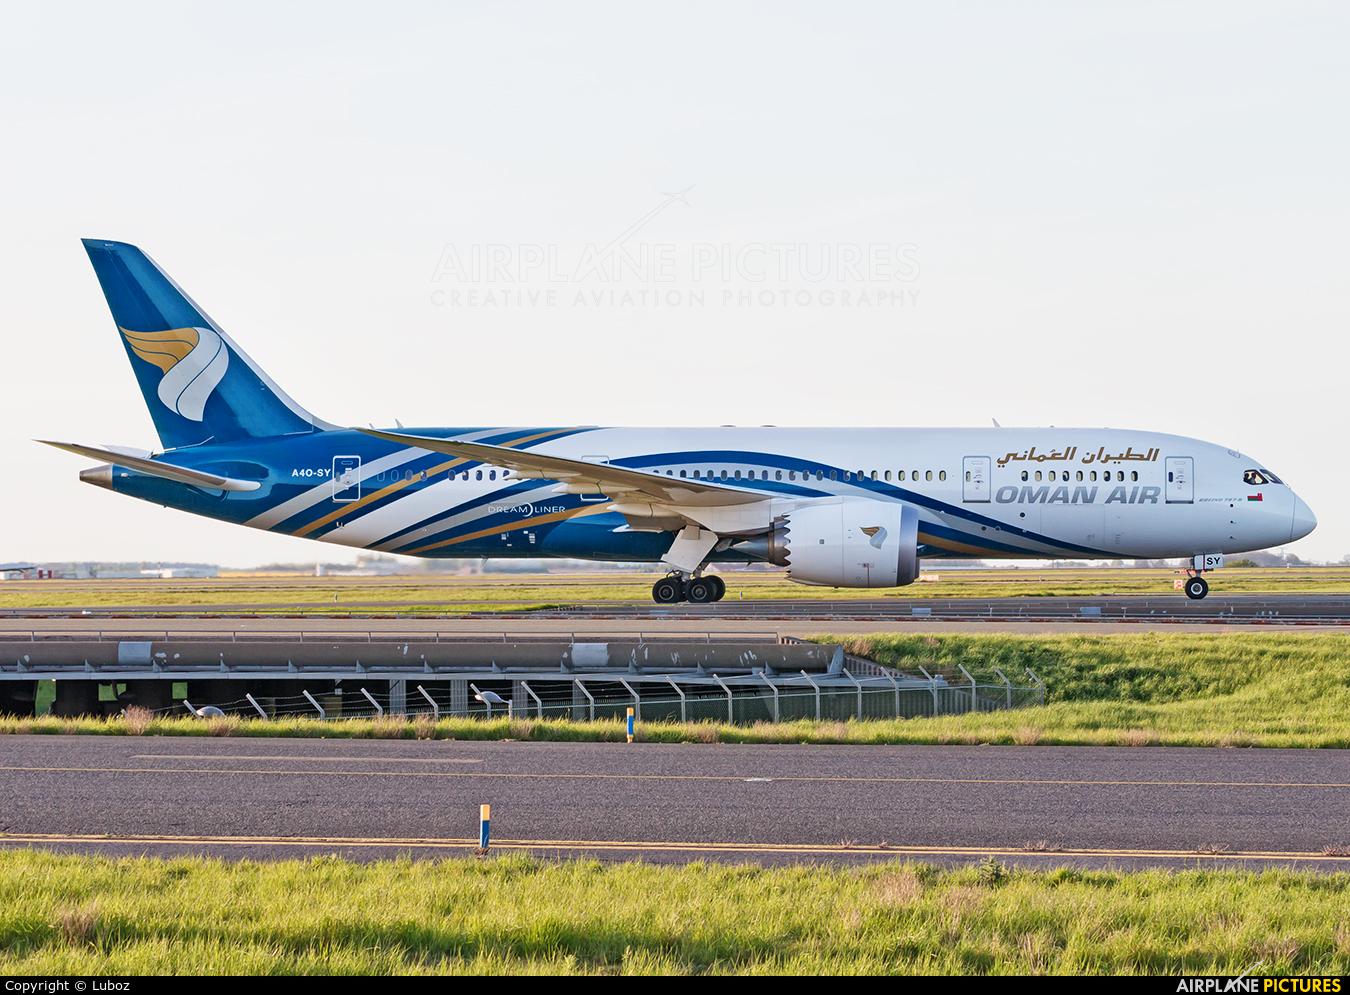 Oman Air A4O-SY aircraft at Paris - Charles de Gaulle